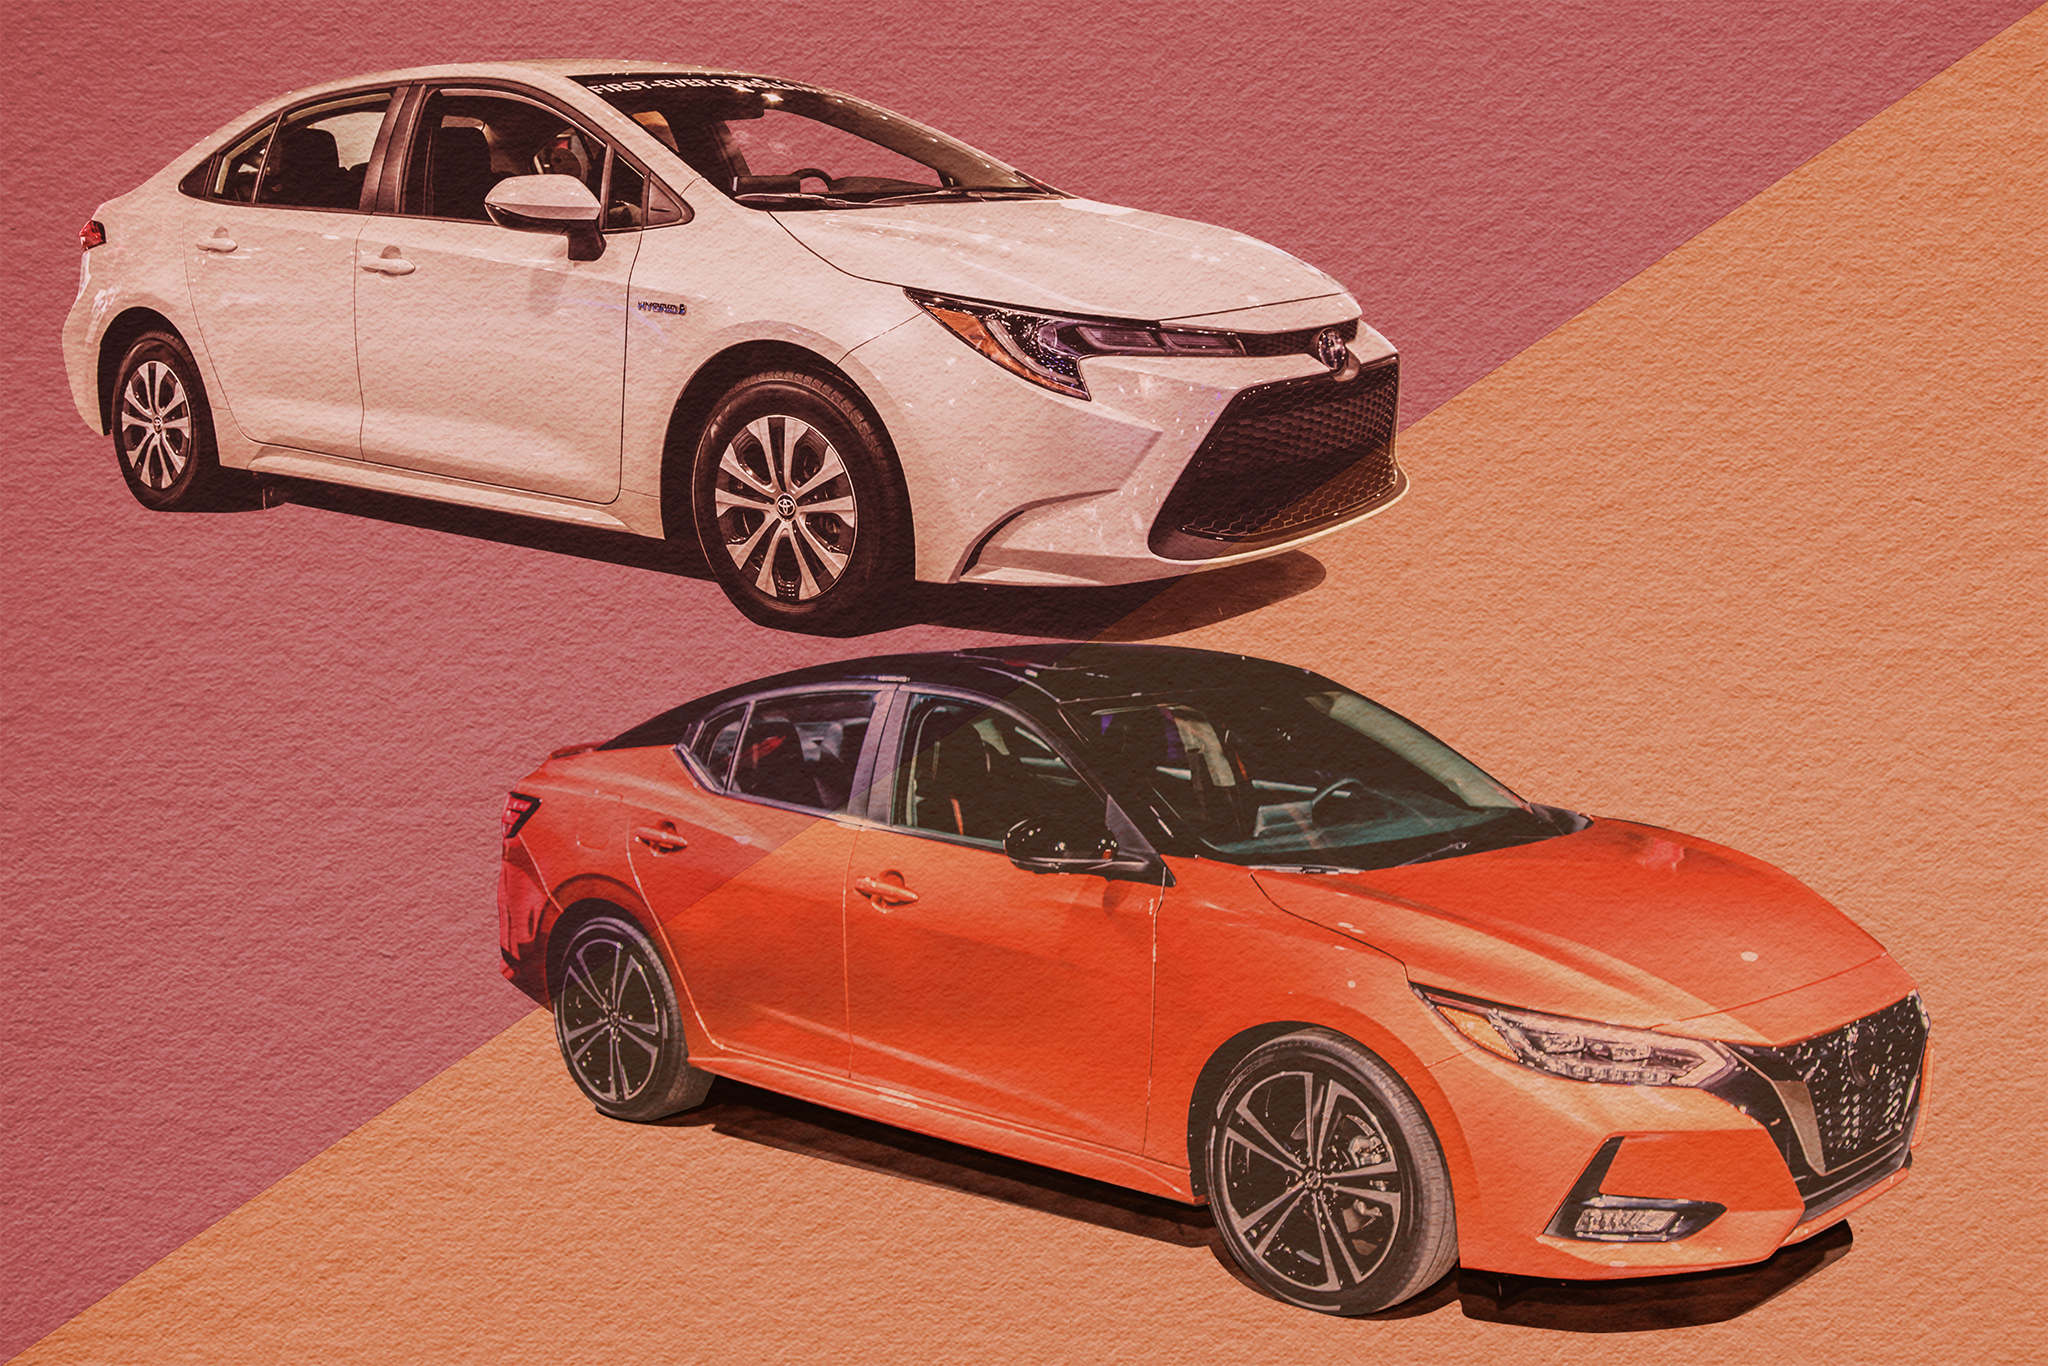 Auto Show Face-Off: 2020 Nissan Sentra Vs. 2020 Toyota Corolla